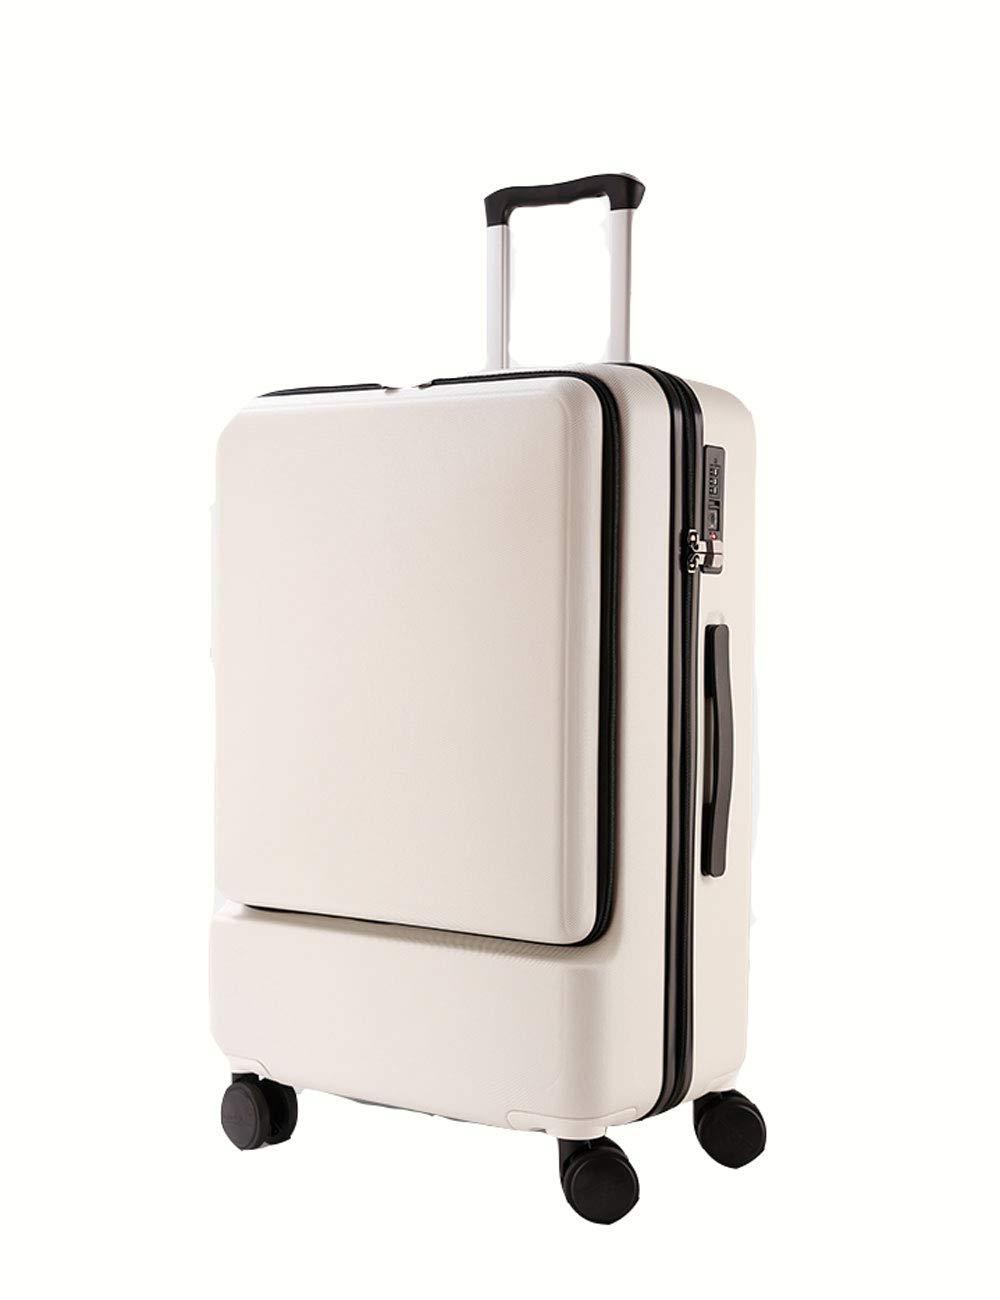 ビジネスABSハード4輪の荷物、フロントコンピュータバッグのデザイン、衝撃吸収ホイールスーツケース、白20インチ/ 24インチ (色 : 43 * 26 * 66cm)   B07GGRG3FG